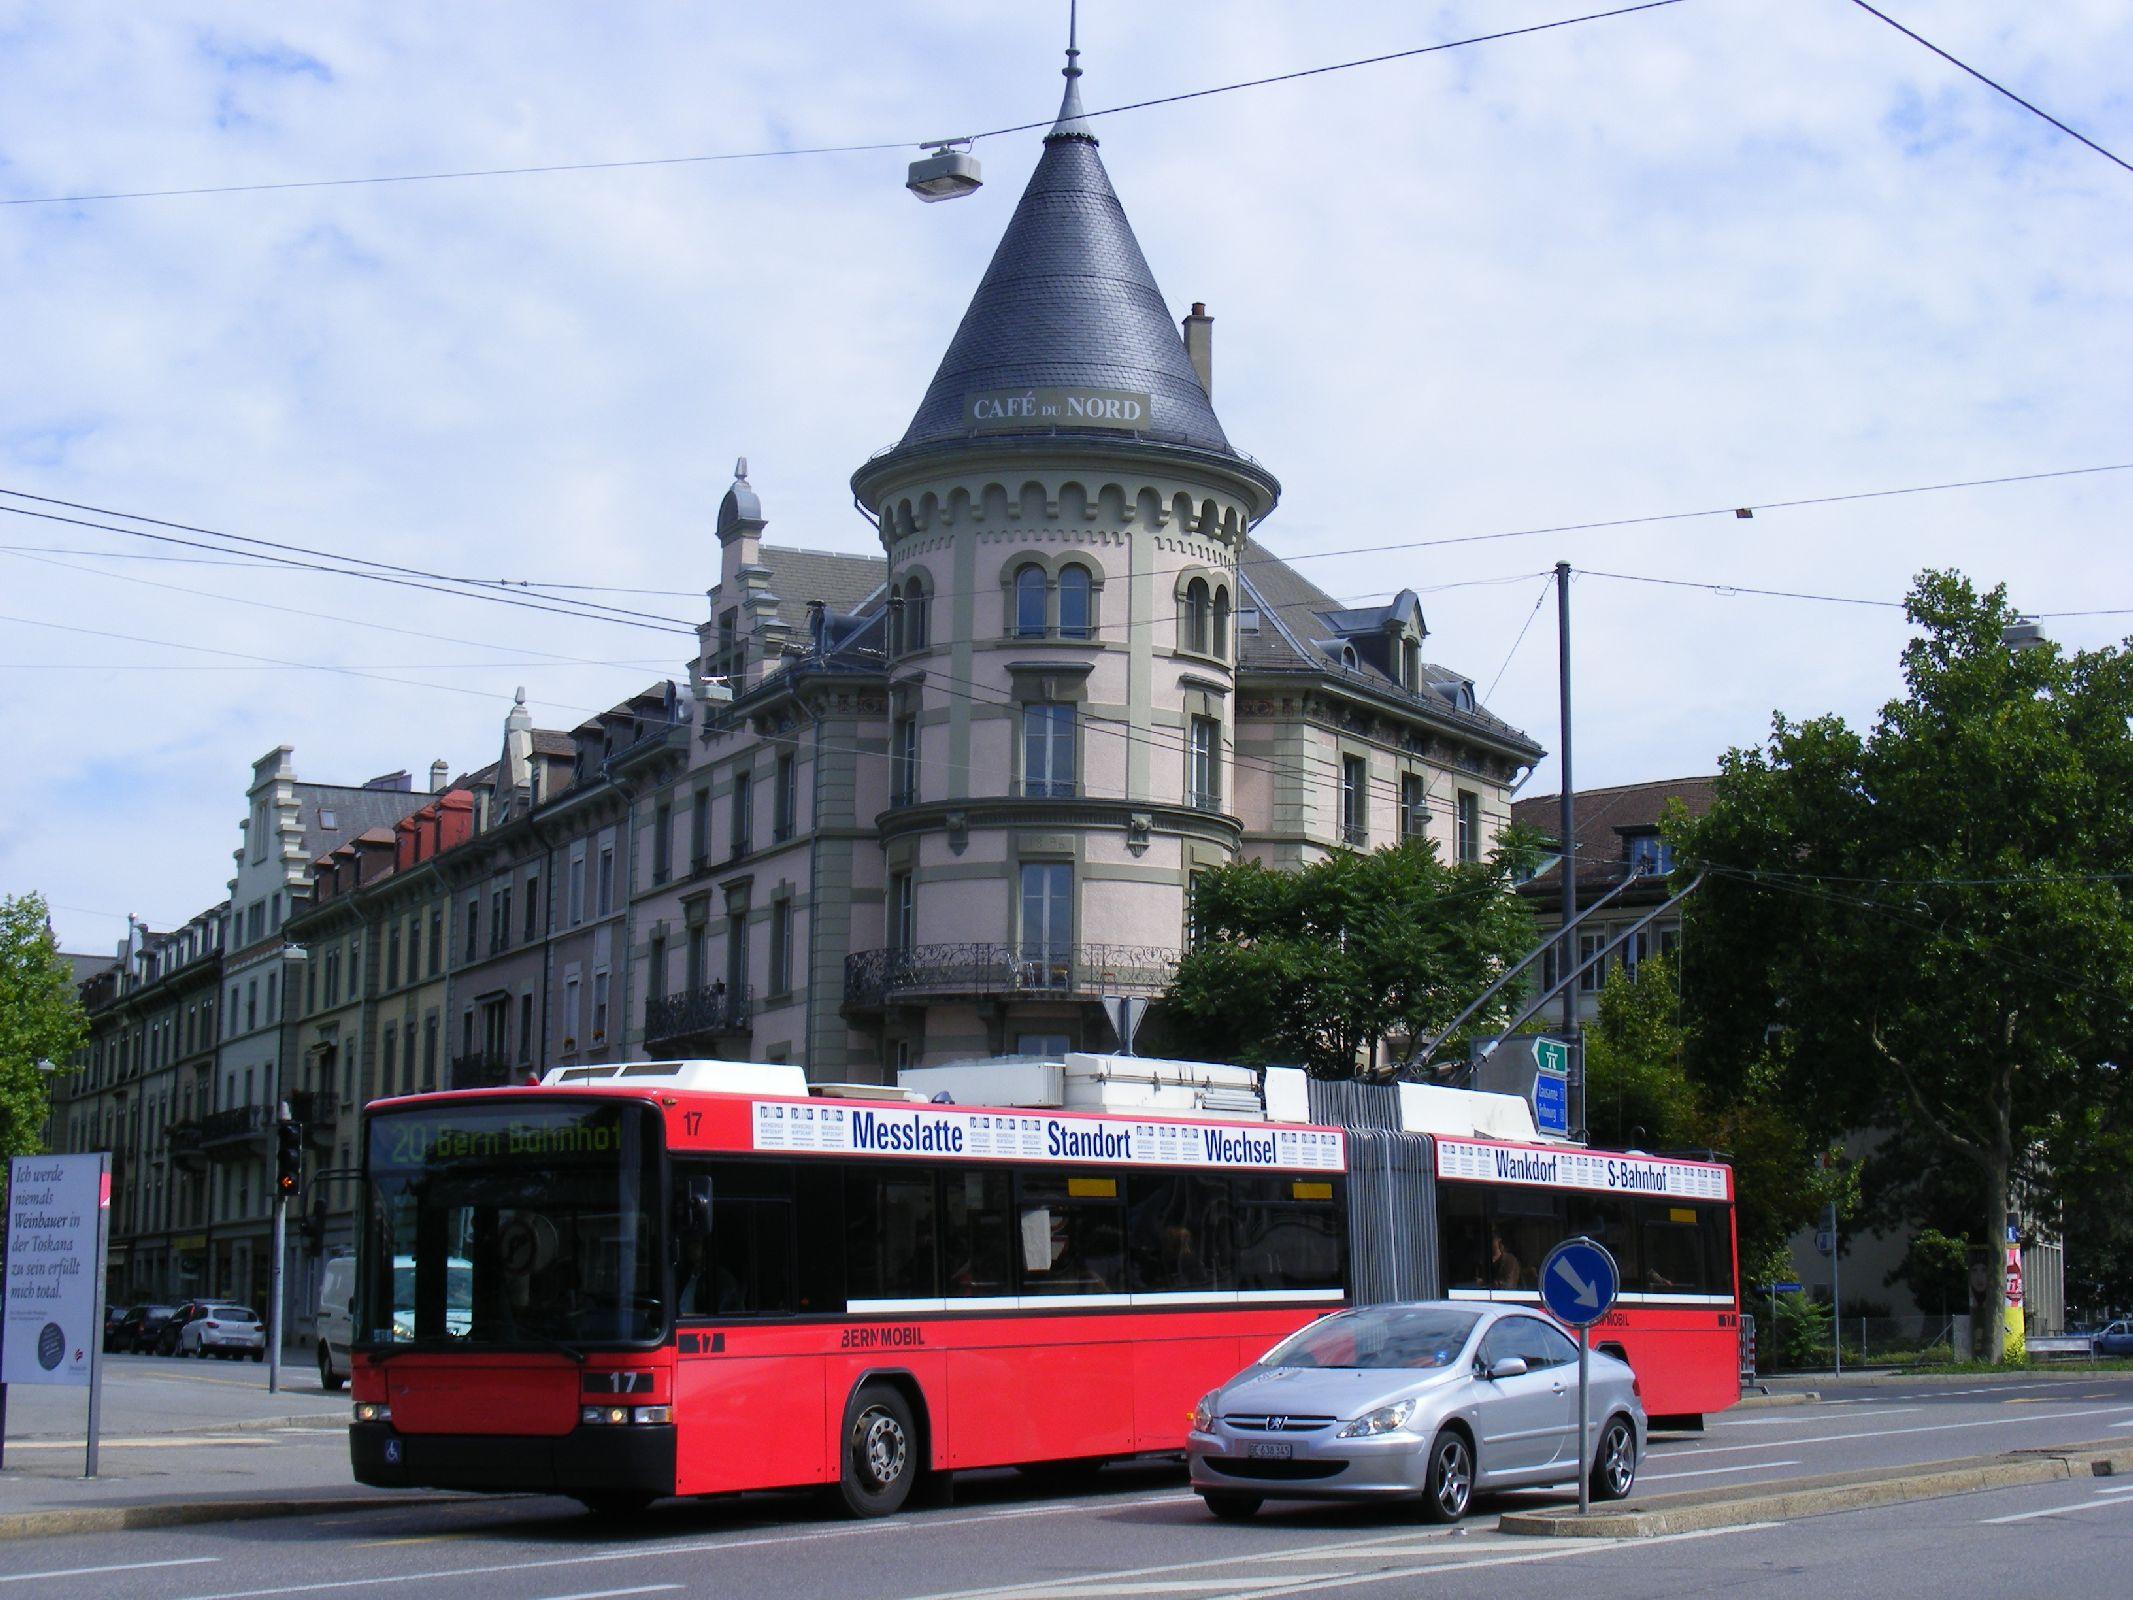 File:Bernmobil trolleybus nr 17, Linie nr 20 nach Bern ...